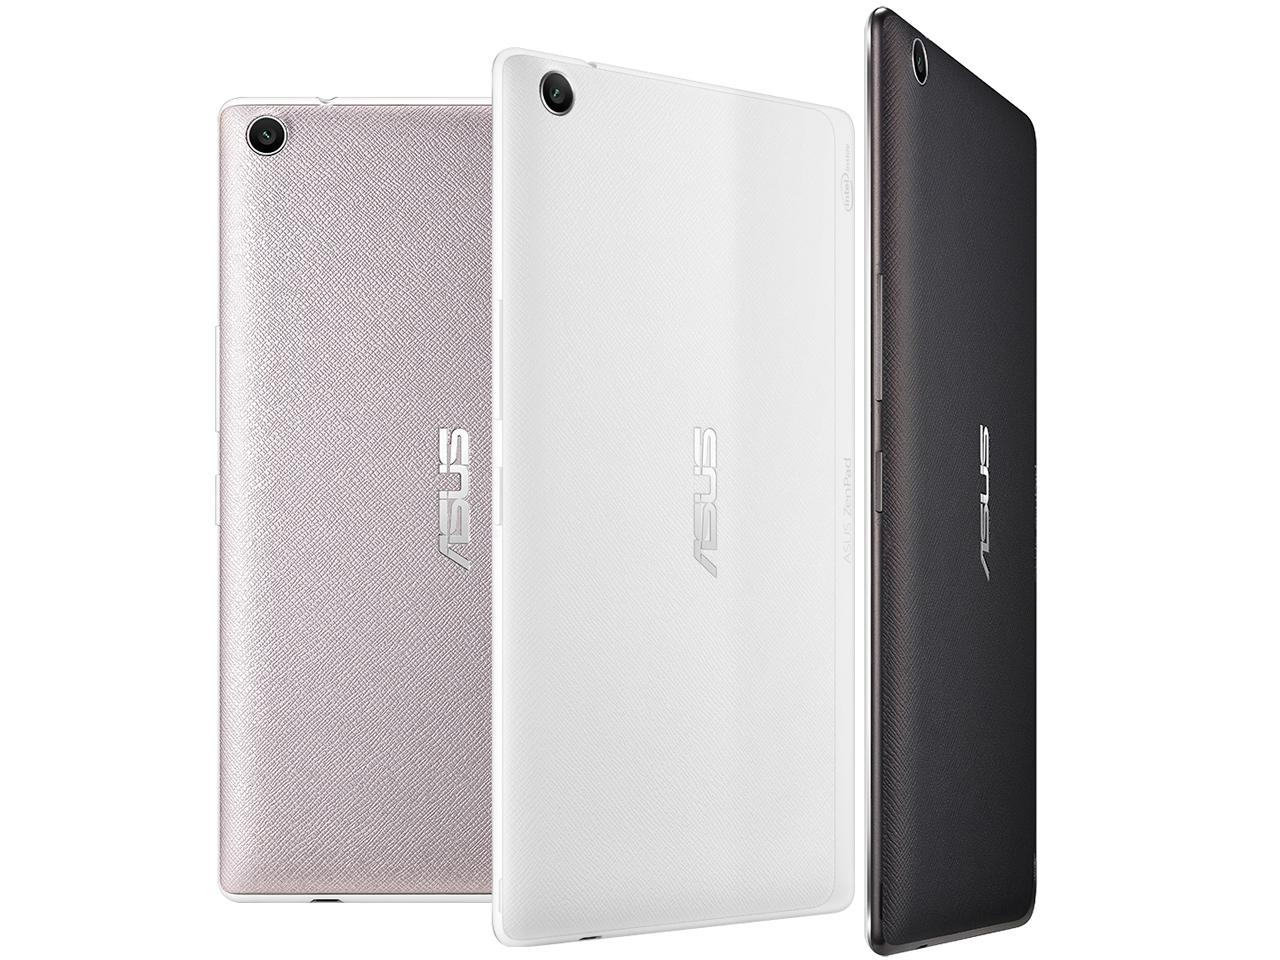 『カラーバリエーション』 ASUS ZenPad 7.0 Z370C-BK16 [ブラック] の製品画像